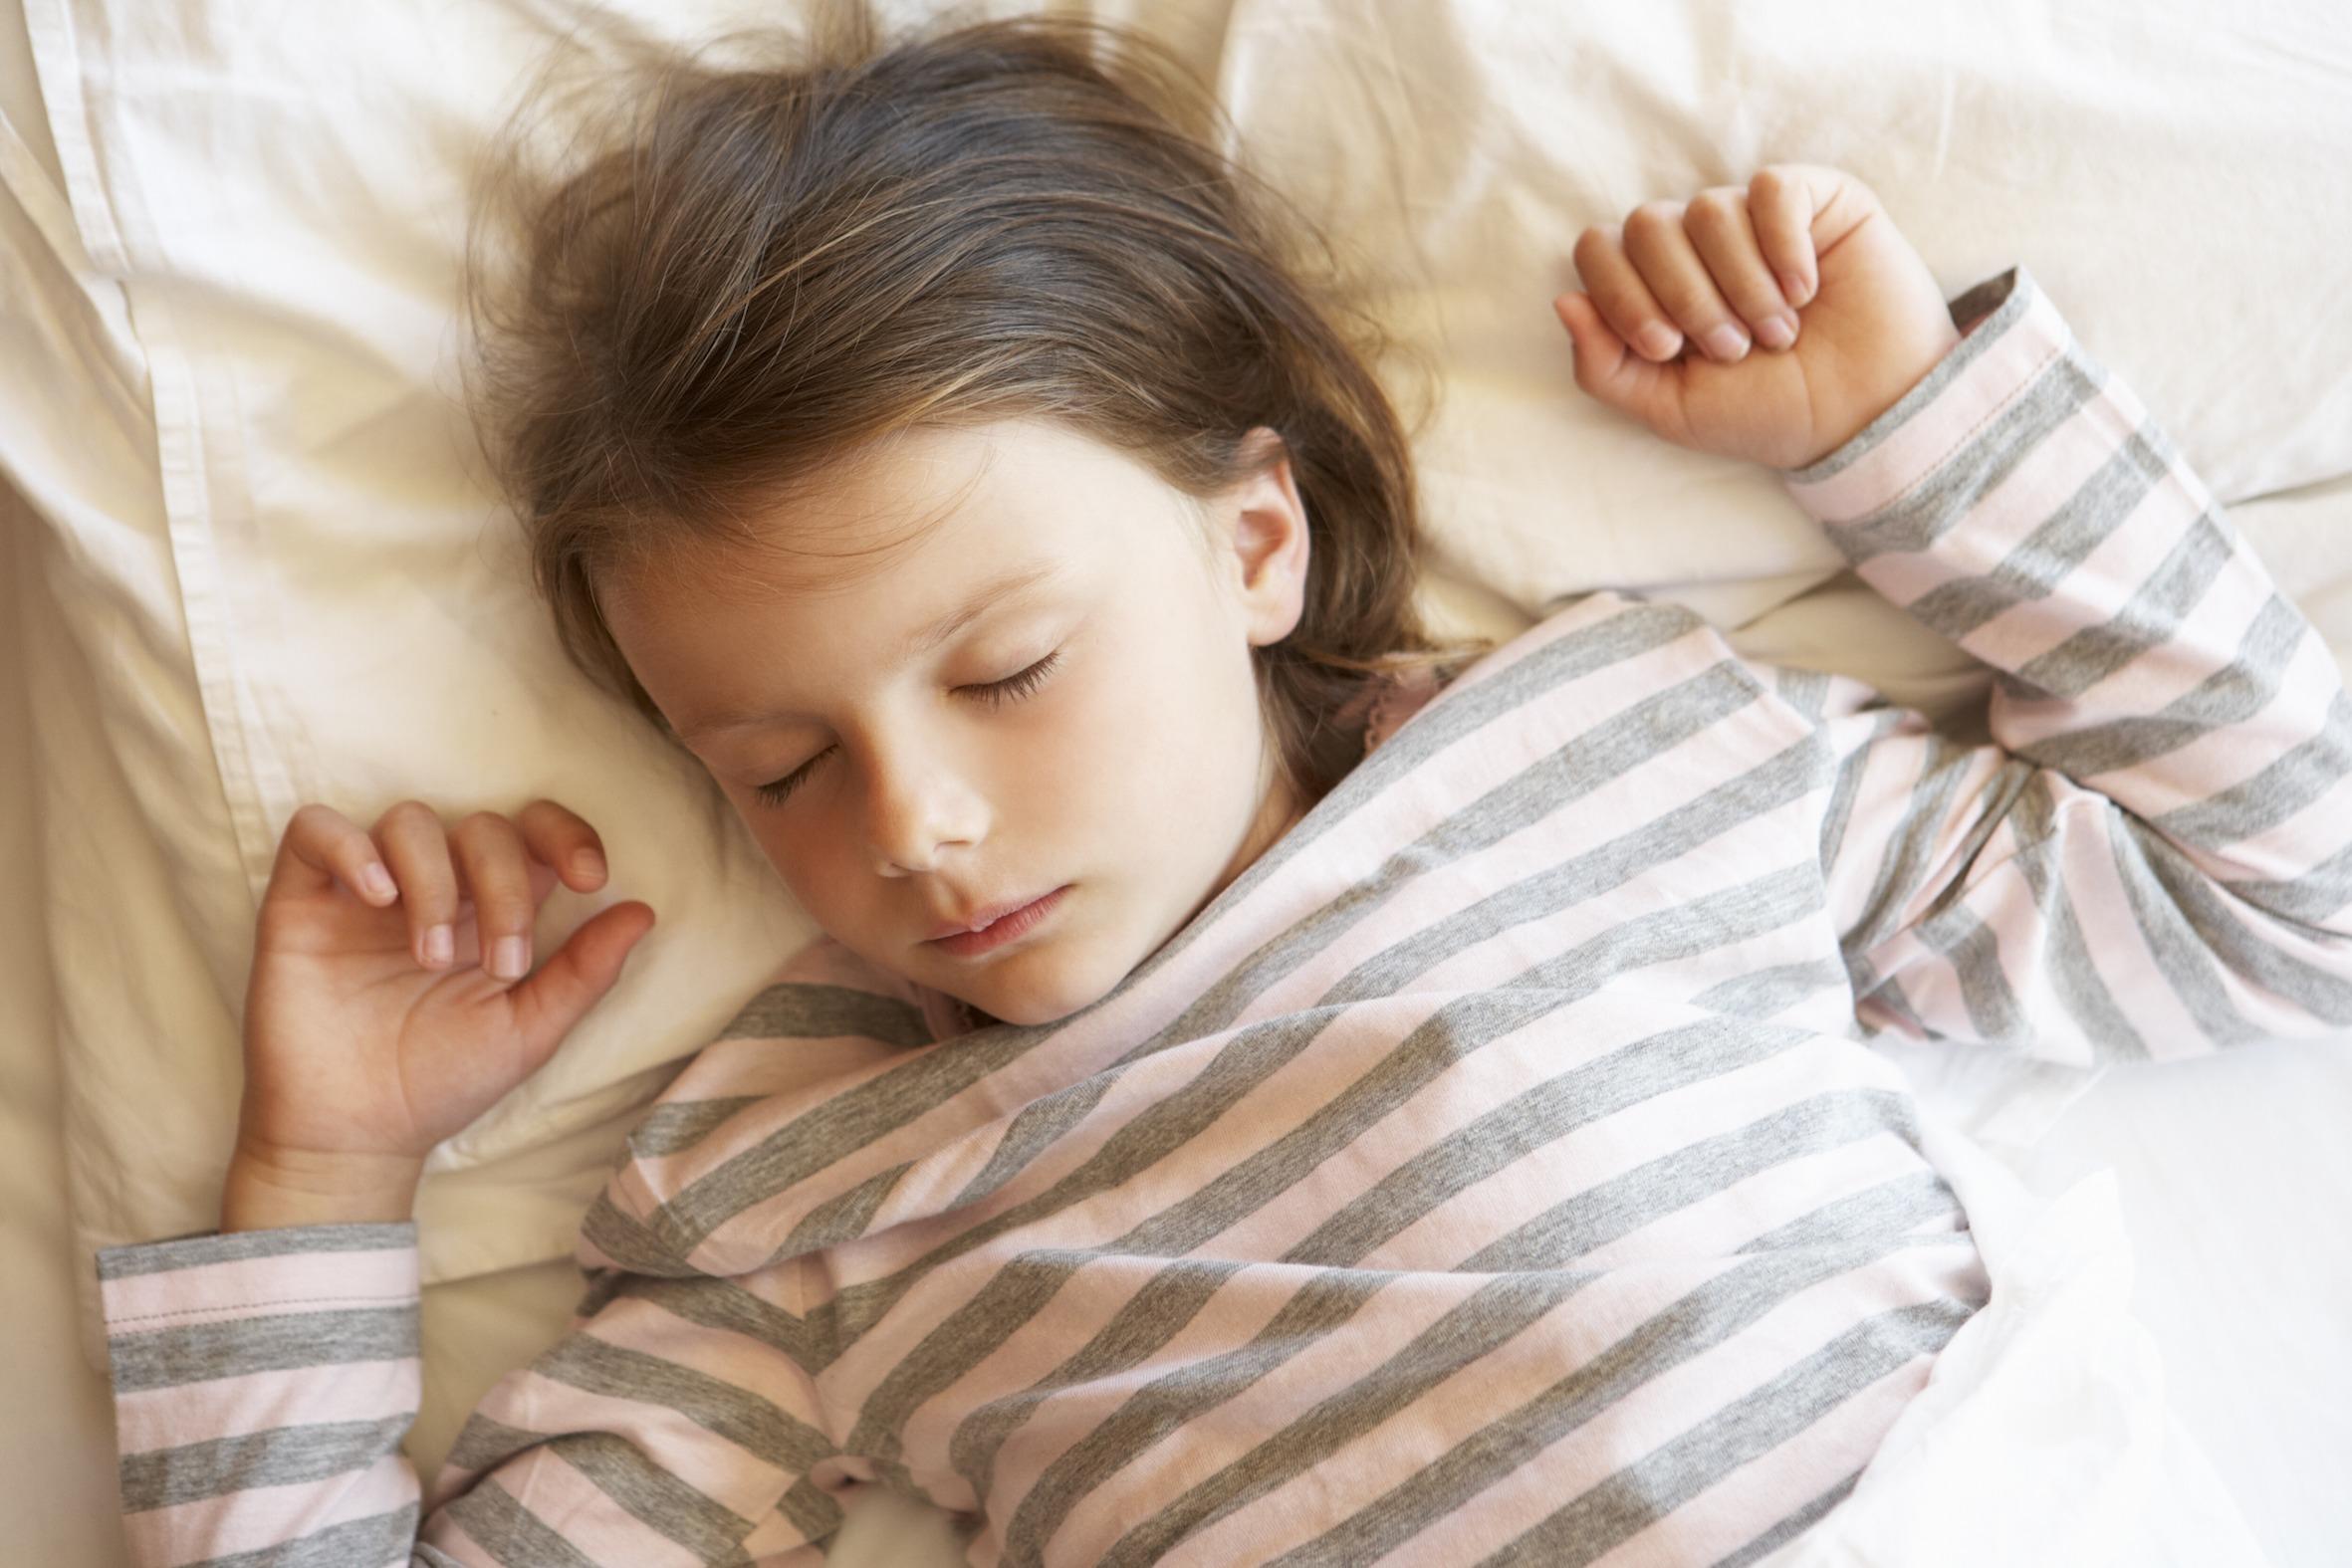 Metodo Estivill Per Dormire azione - settimanale di migros ticino buonanotte bambini!